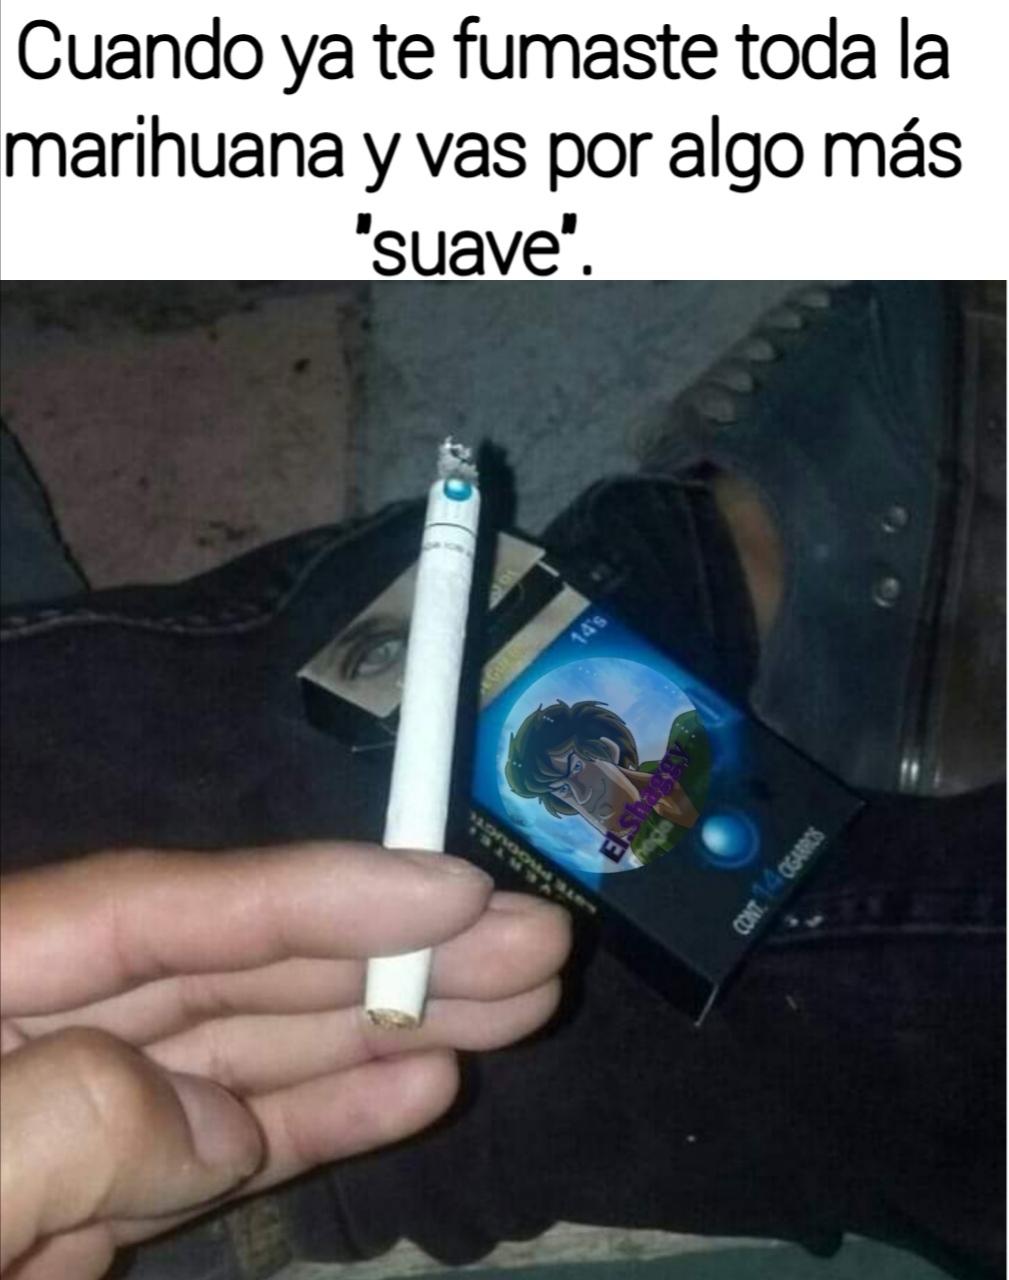 El título se fue a fumar un cigarro. - meme